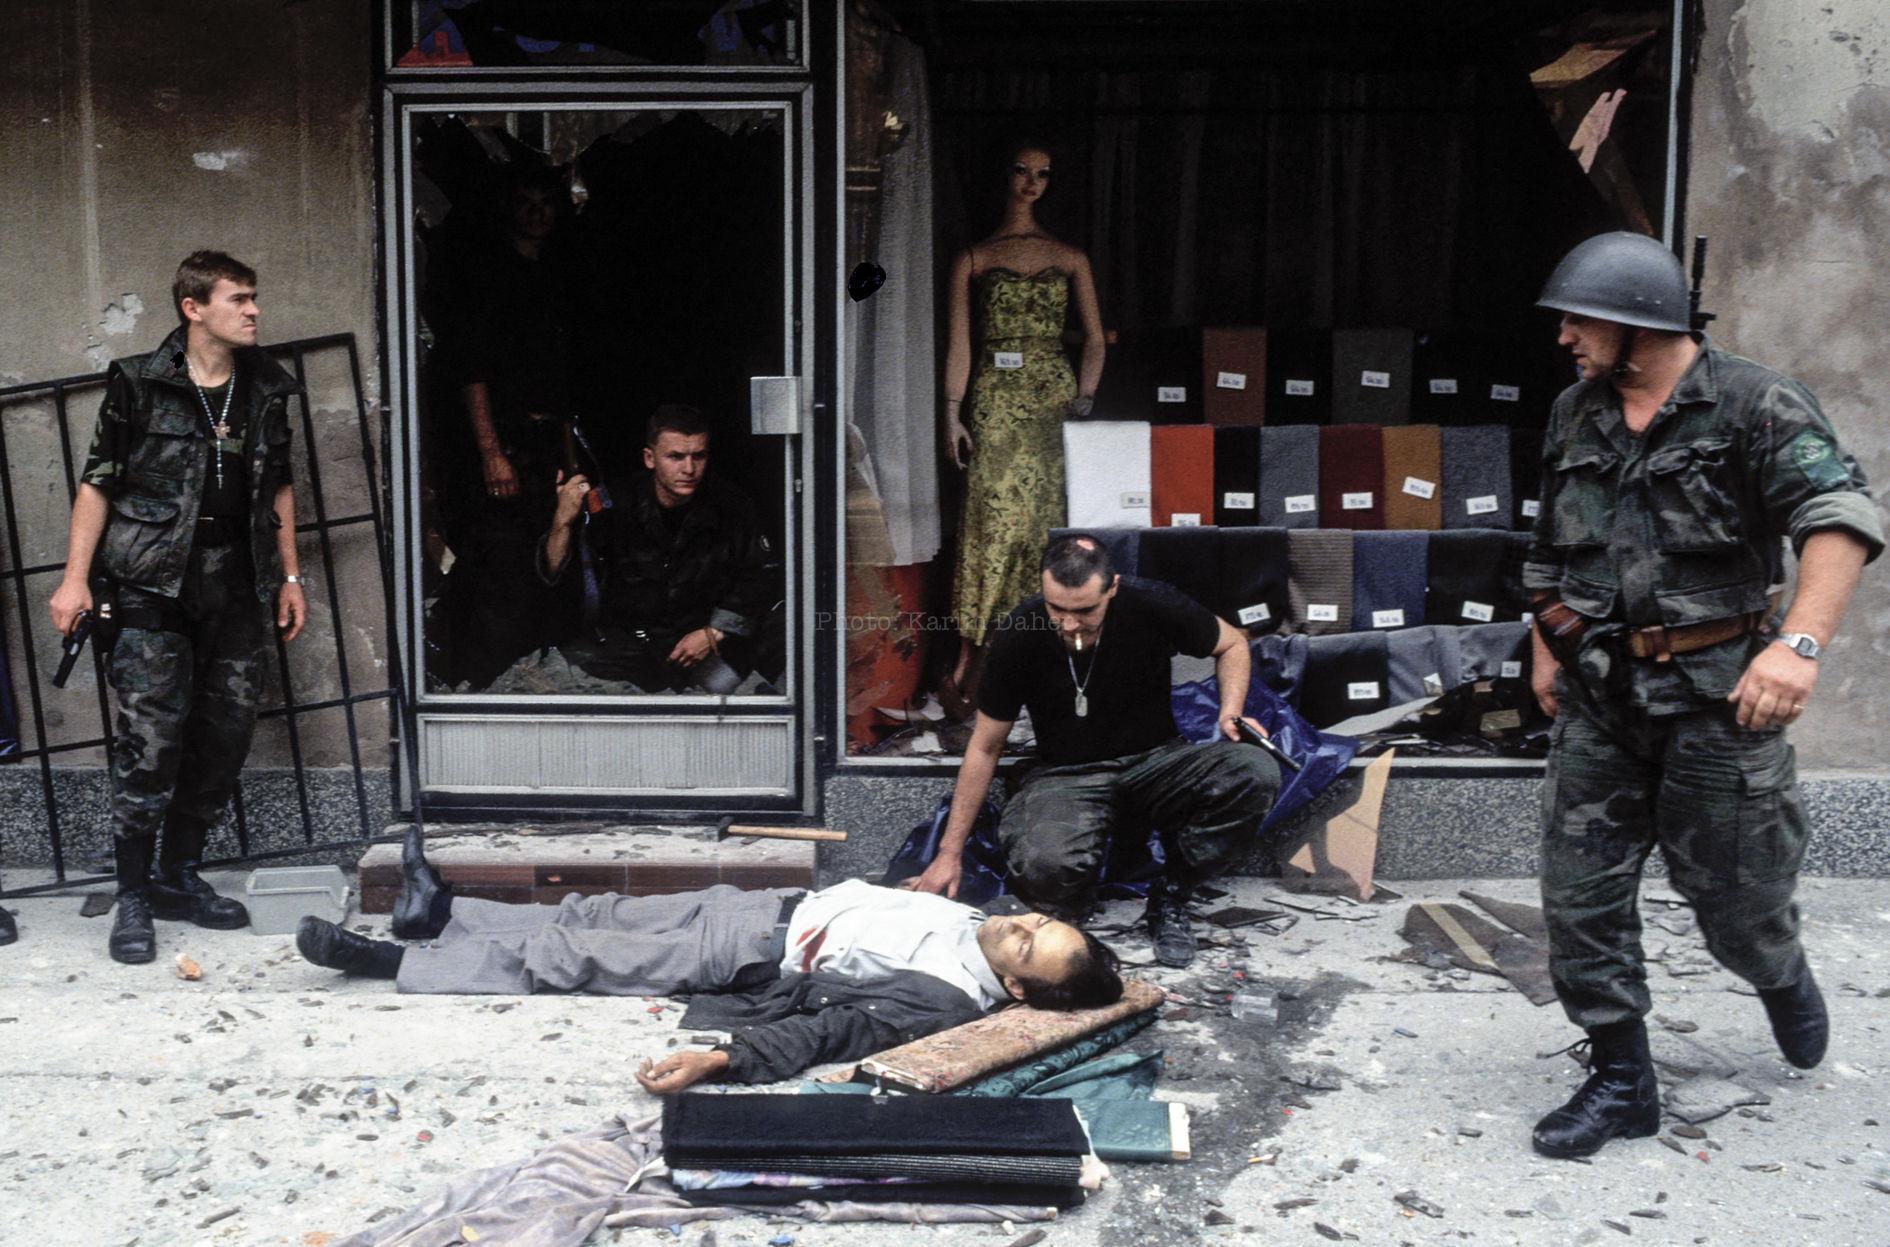 Croatie, Osijek, 1991. Devant un commerce , des militaires croates autour d'un civil tué par un franc-tireur lors des affrontements qui ont permis aux forces croates de déloger l'armée fédérale yougoslave de la ville.